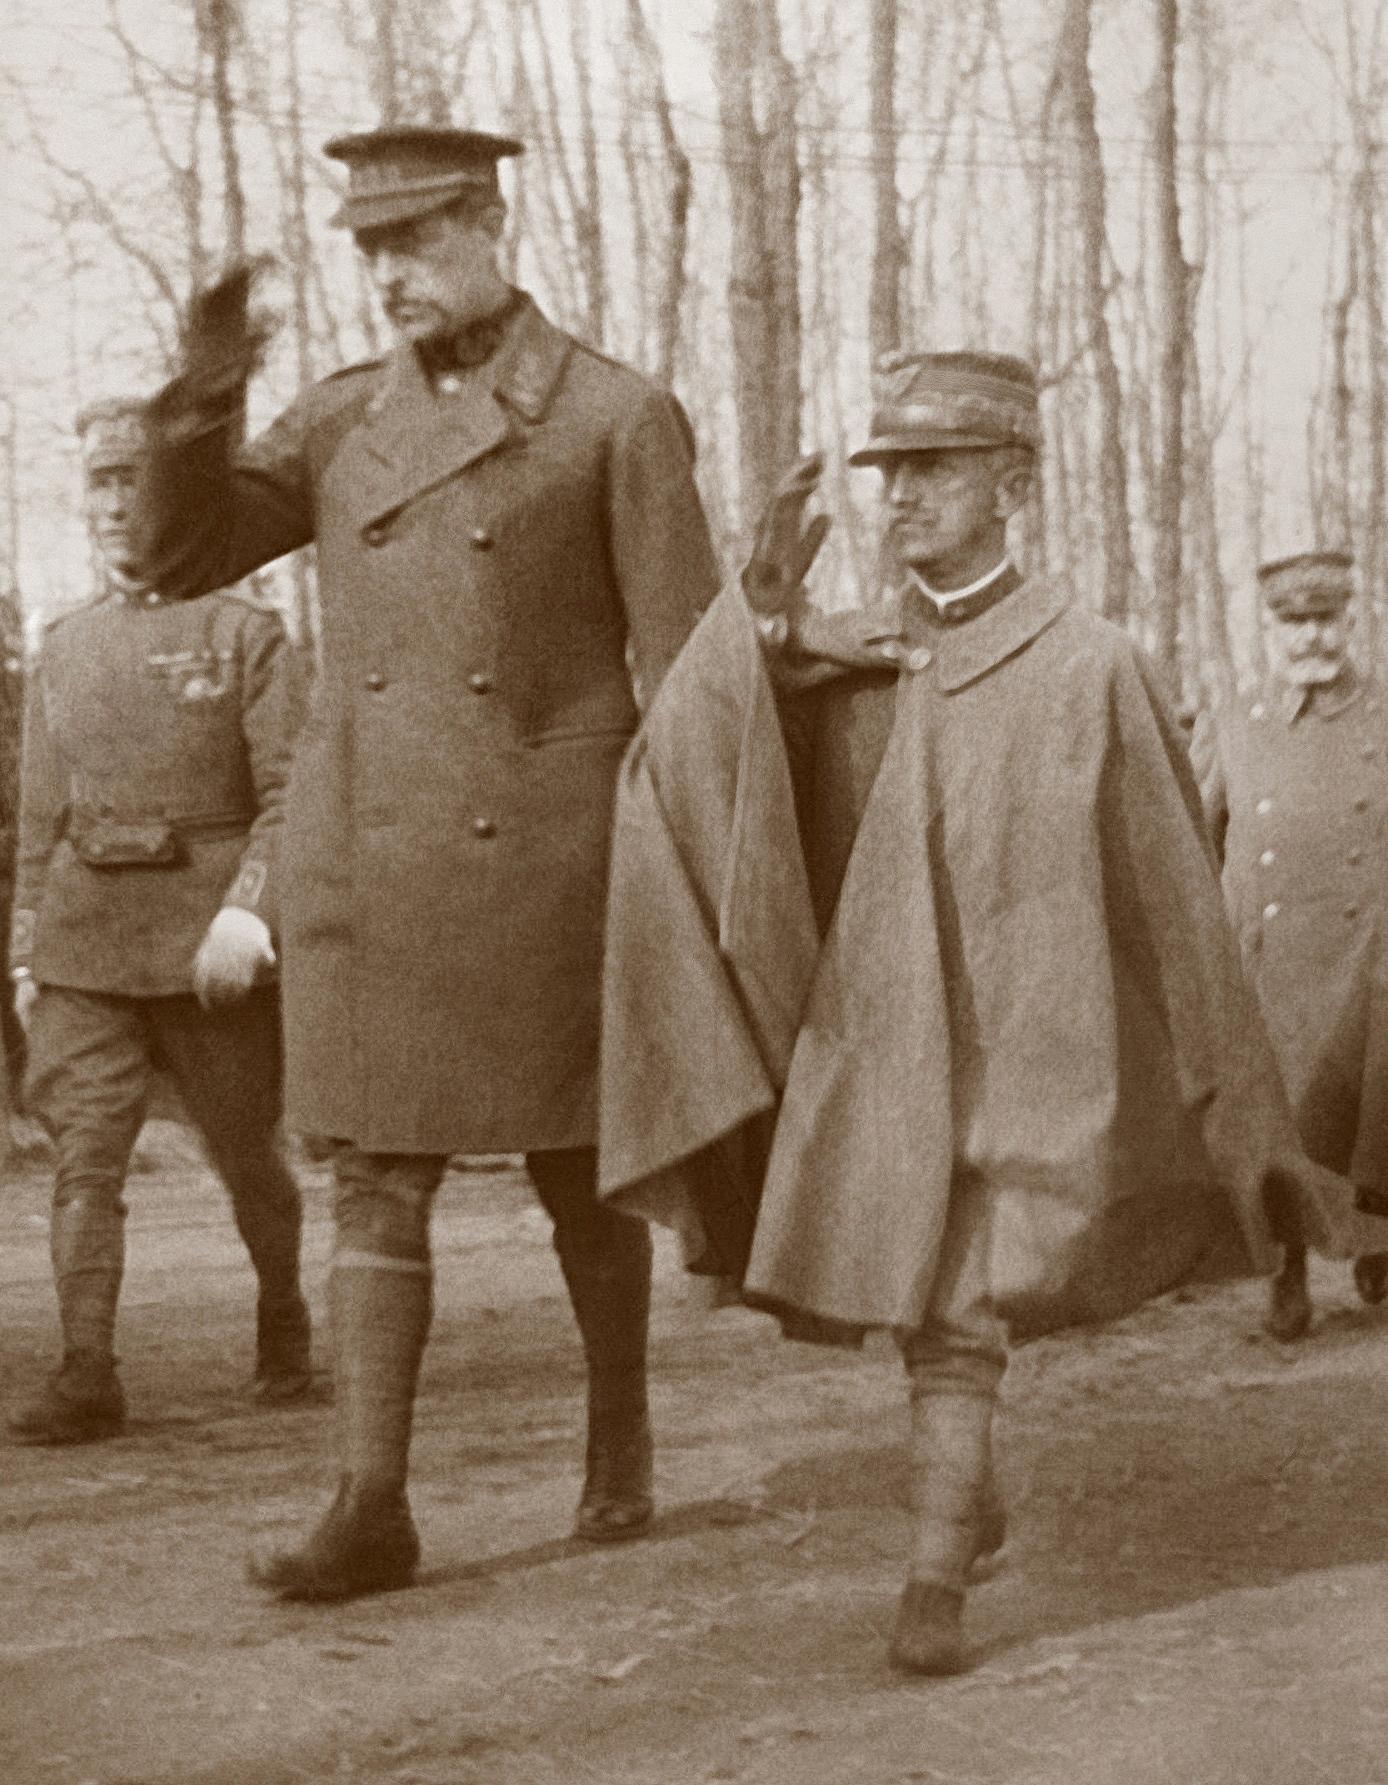 28 ottobre 1922, la marcia su Roma: che cosa è successo in quei